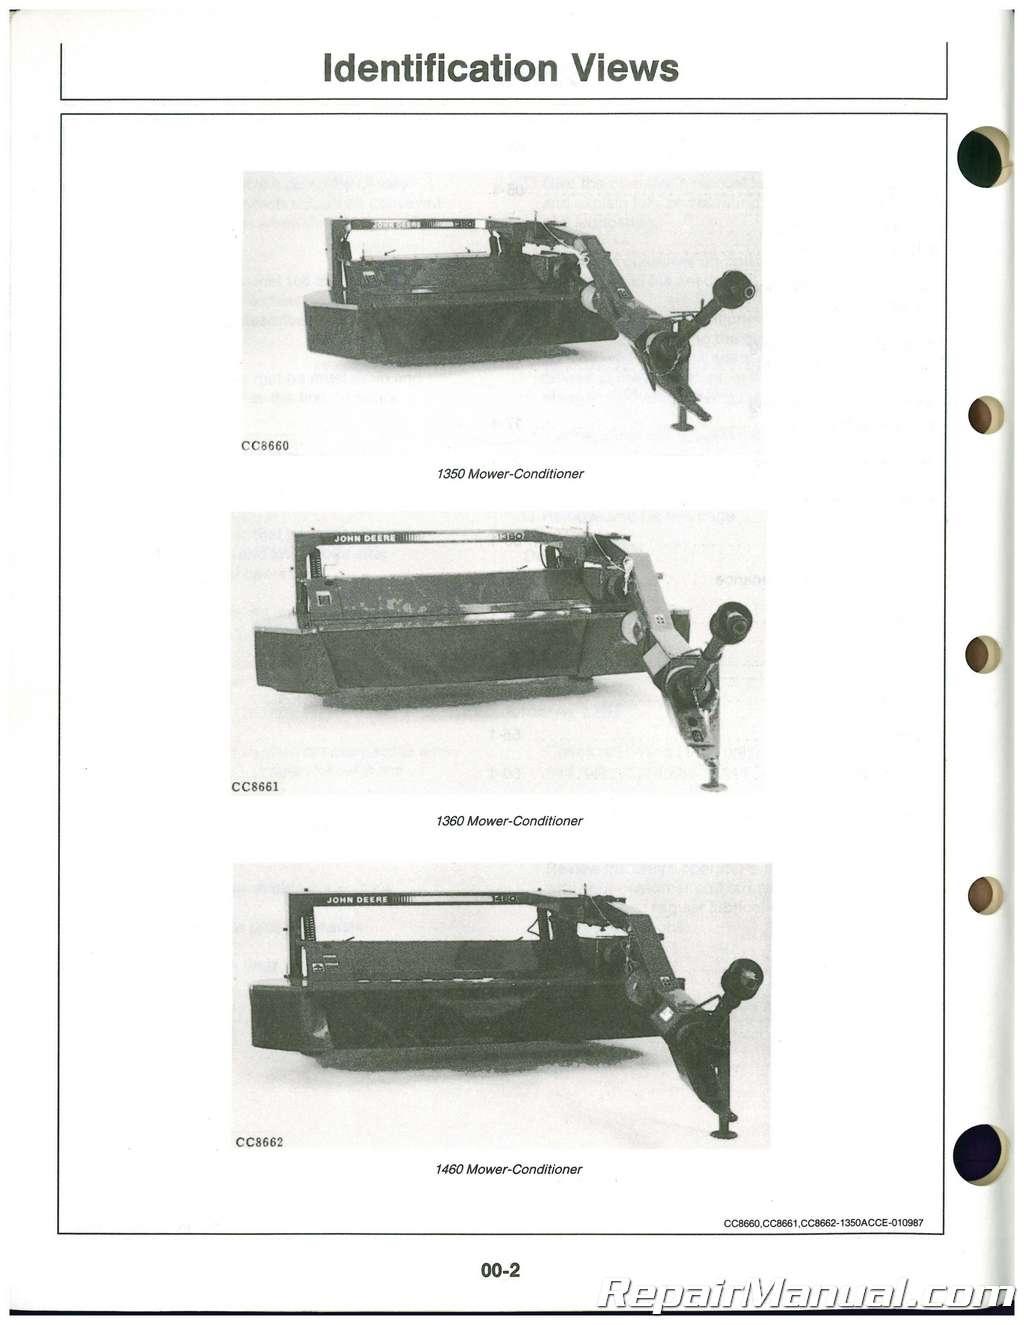 John Deere 1360 mower Manual